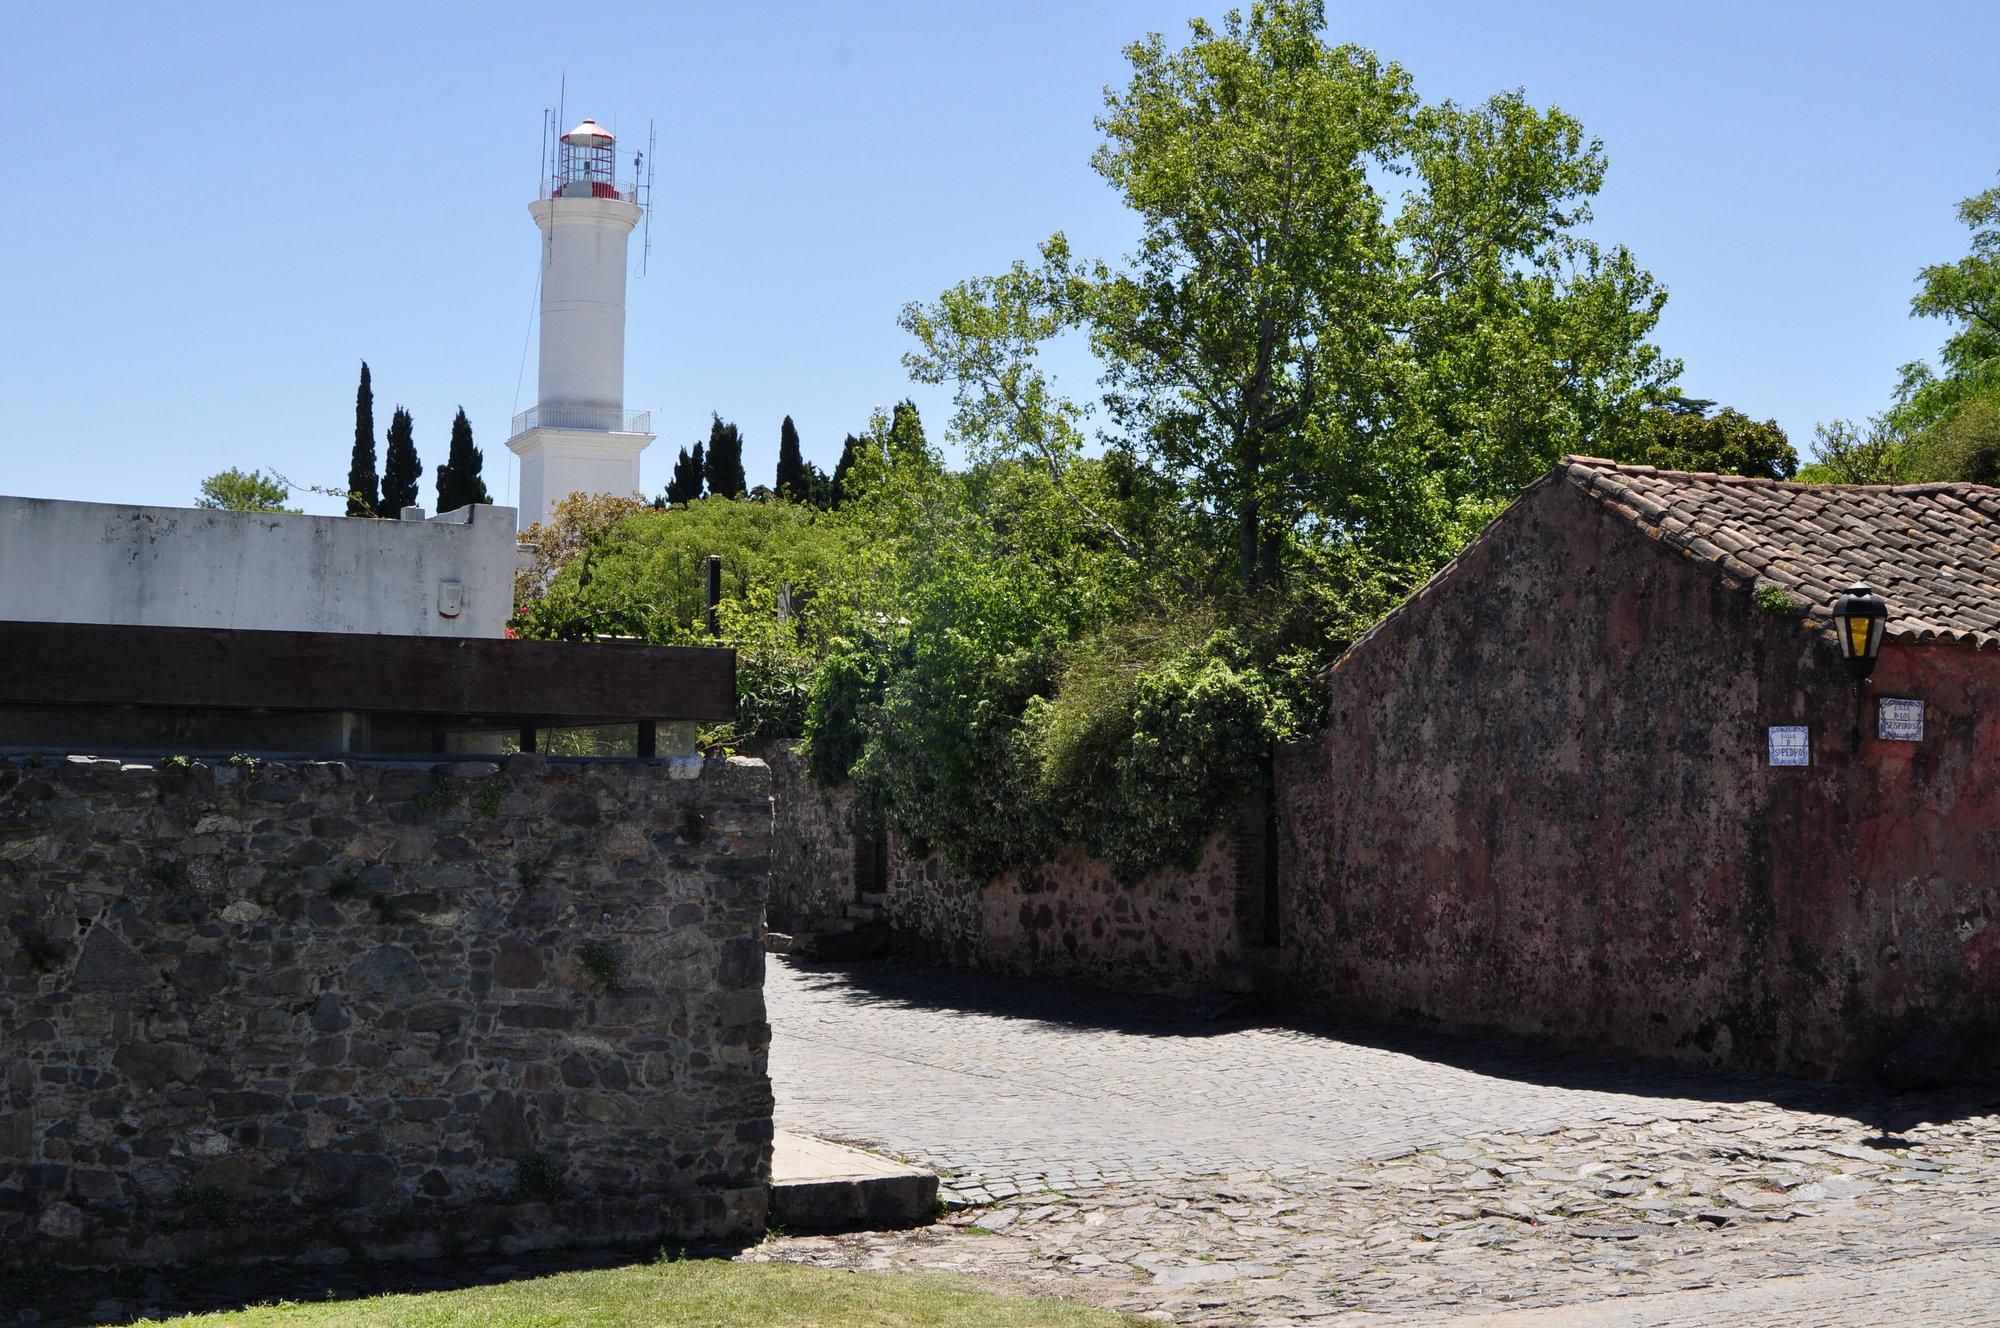 улица и маяк